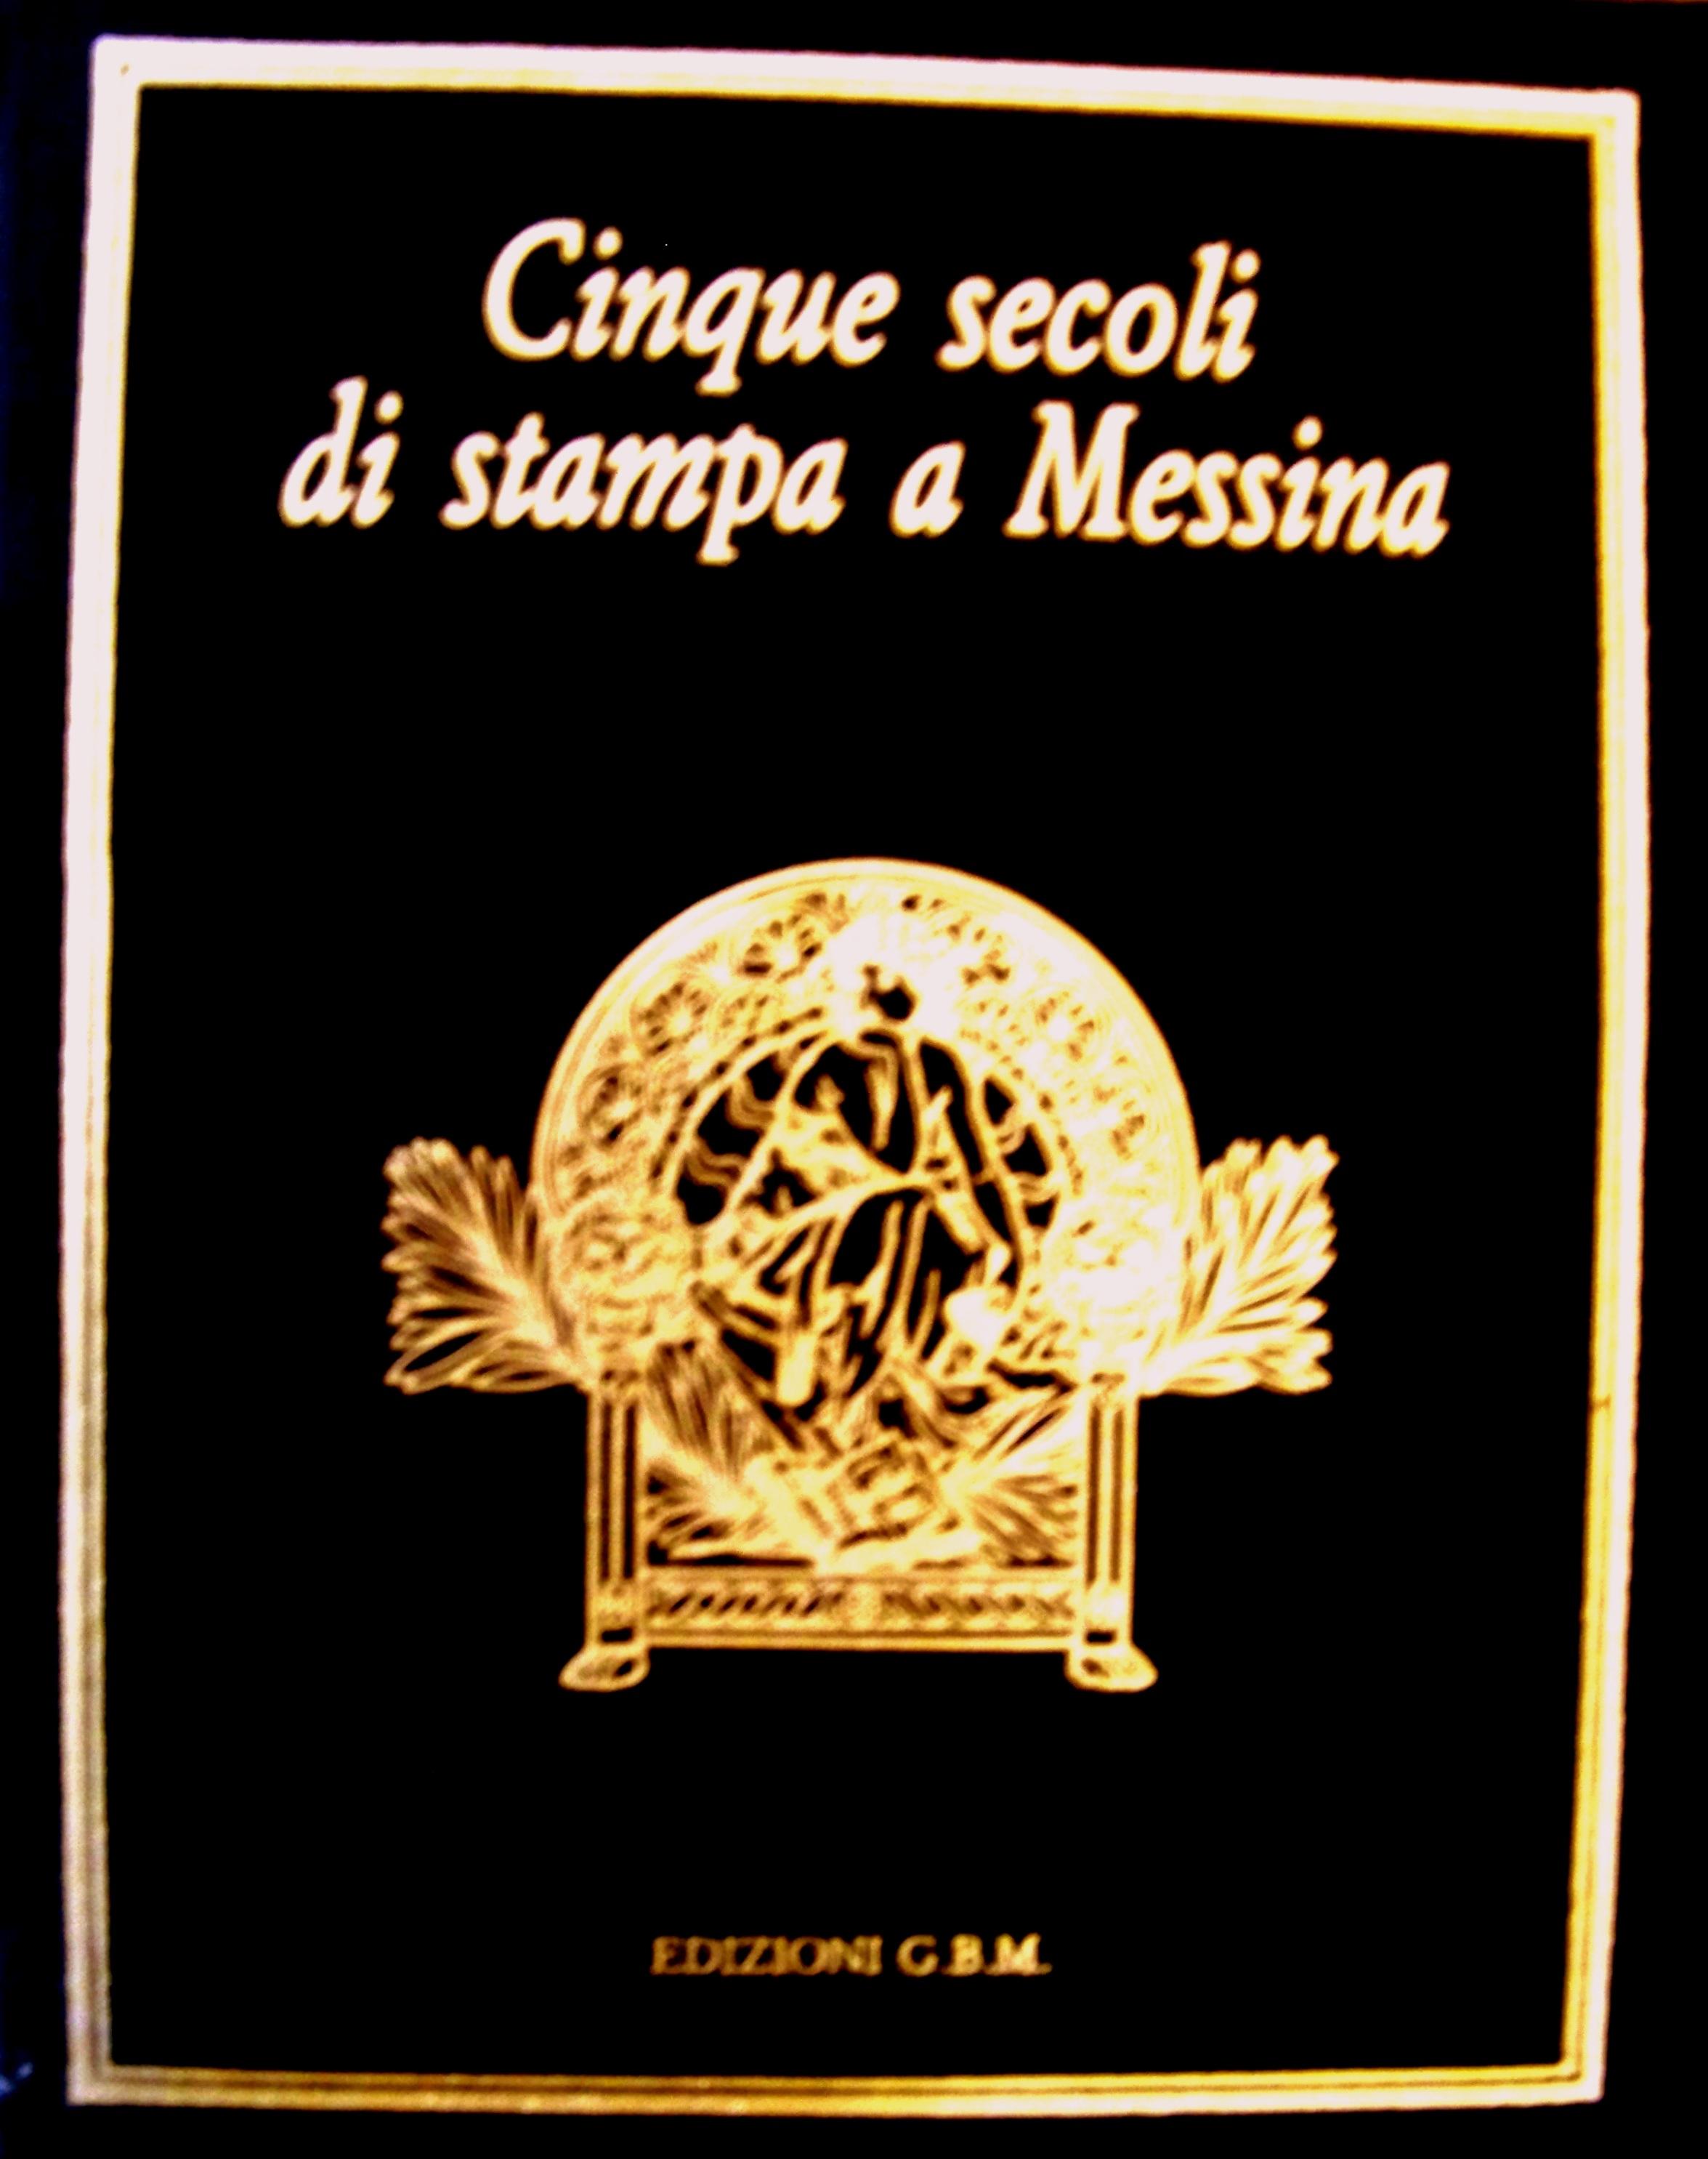 Cinque secoli di stampa a Messina